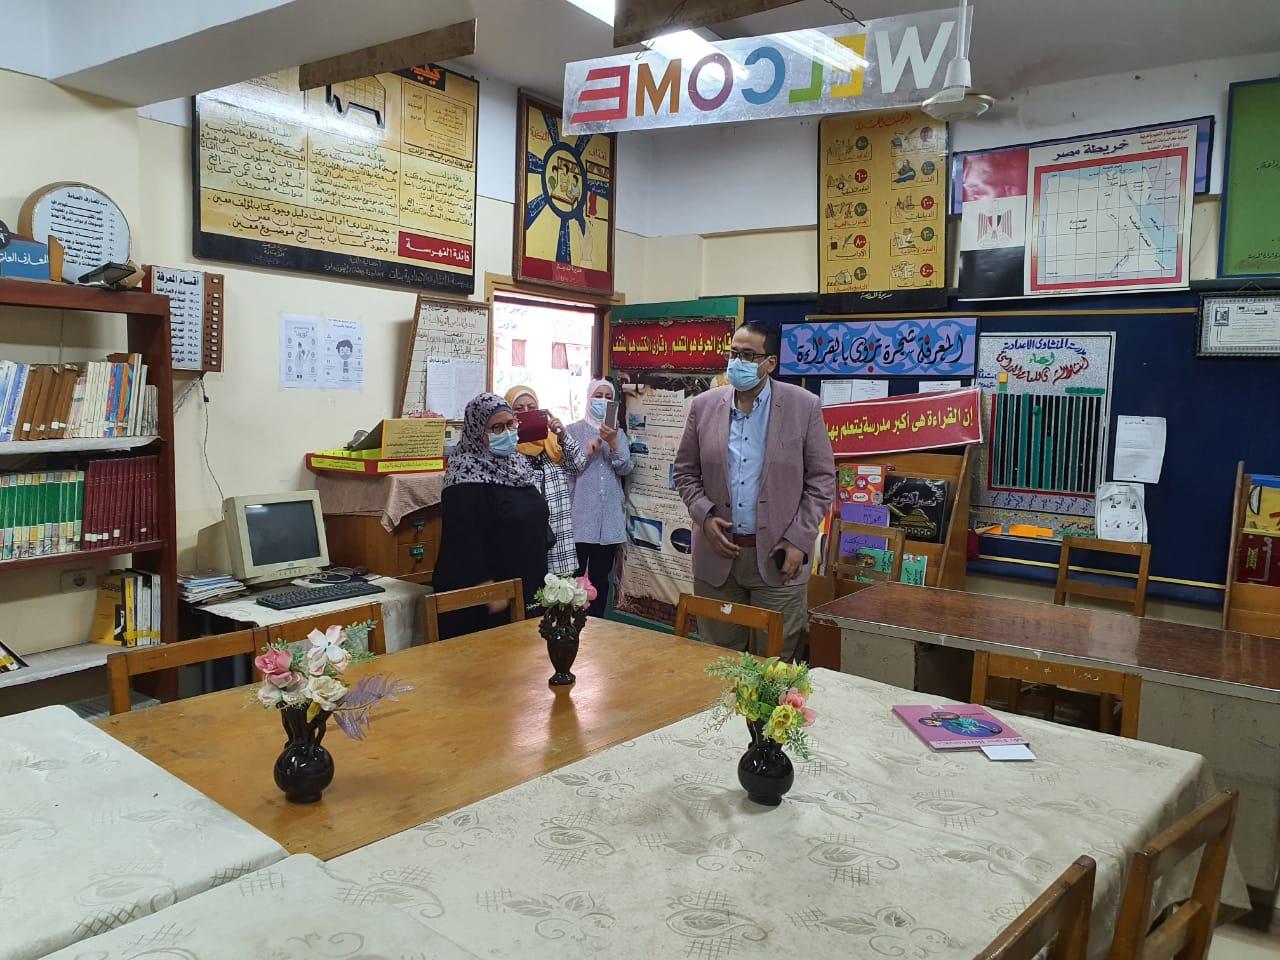 وكيل  تعليم الغربية  يتابع استعدادات مدارس شرق طنطا للعام الدراسي ويرصد عددًا من السلبيات | صور